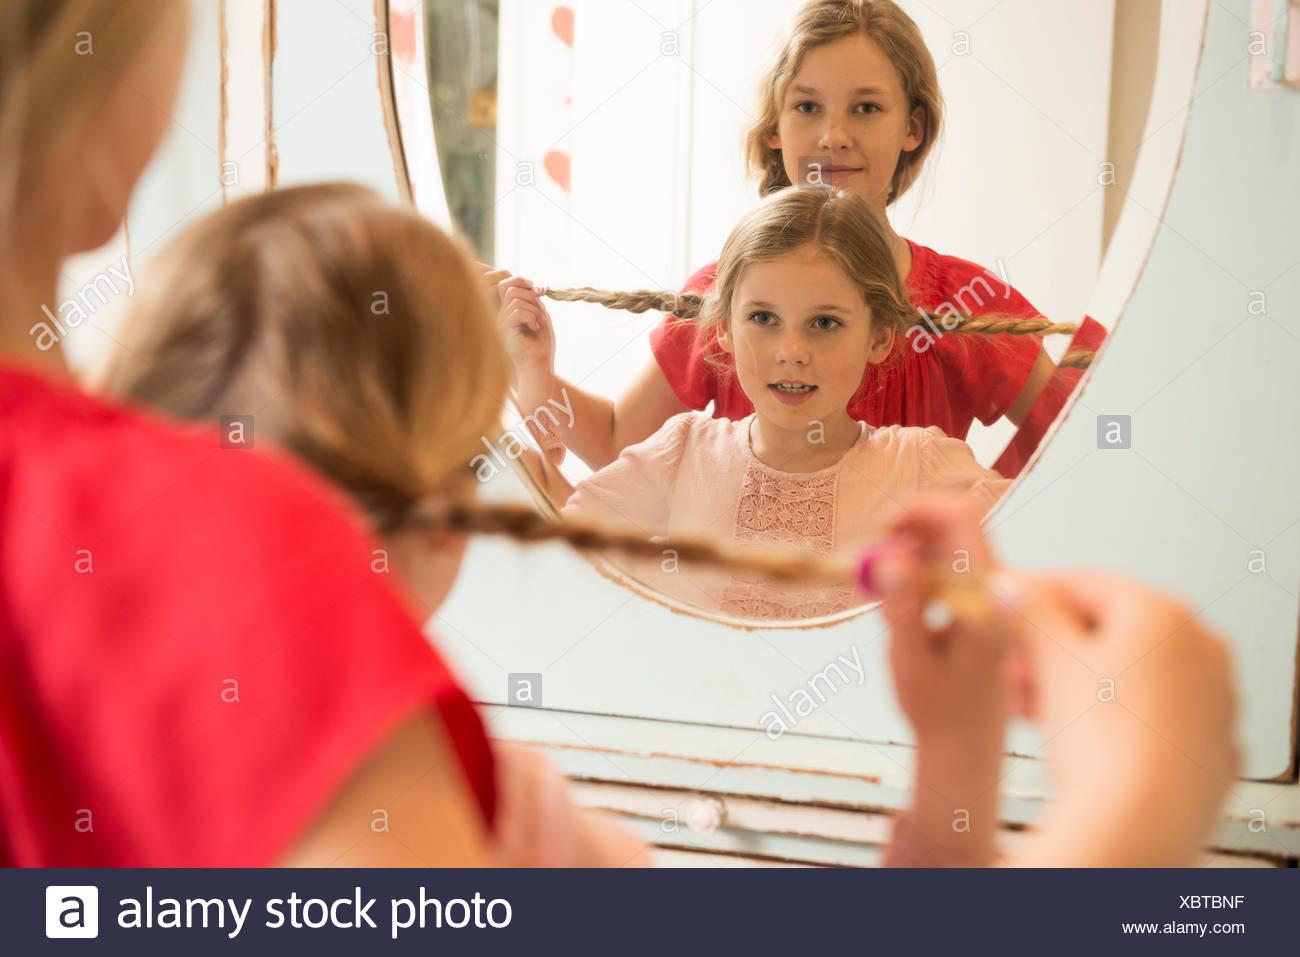 Schwestern, die Zöpfe in Schlafzimmer Spiegel hochhalten Stockfoto